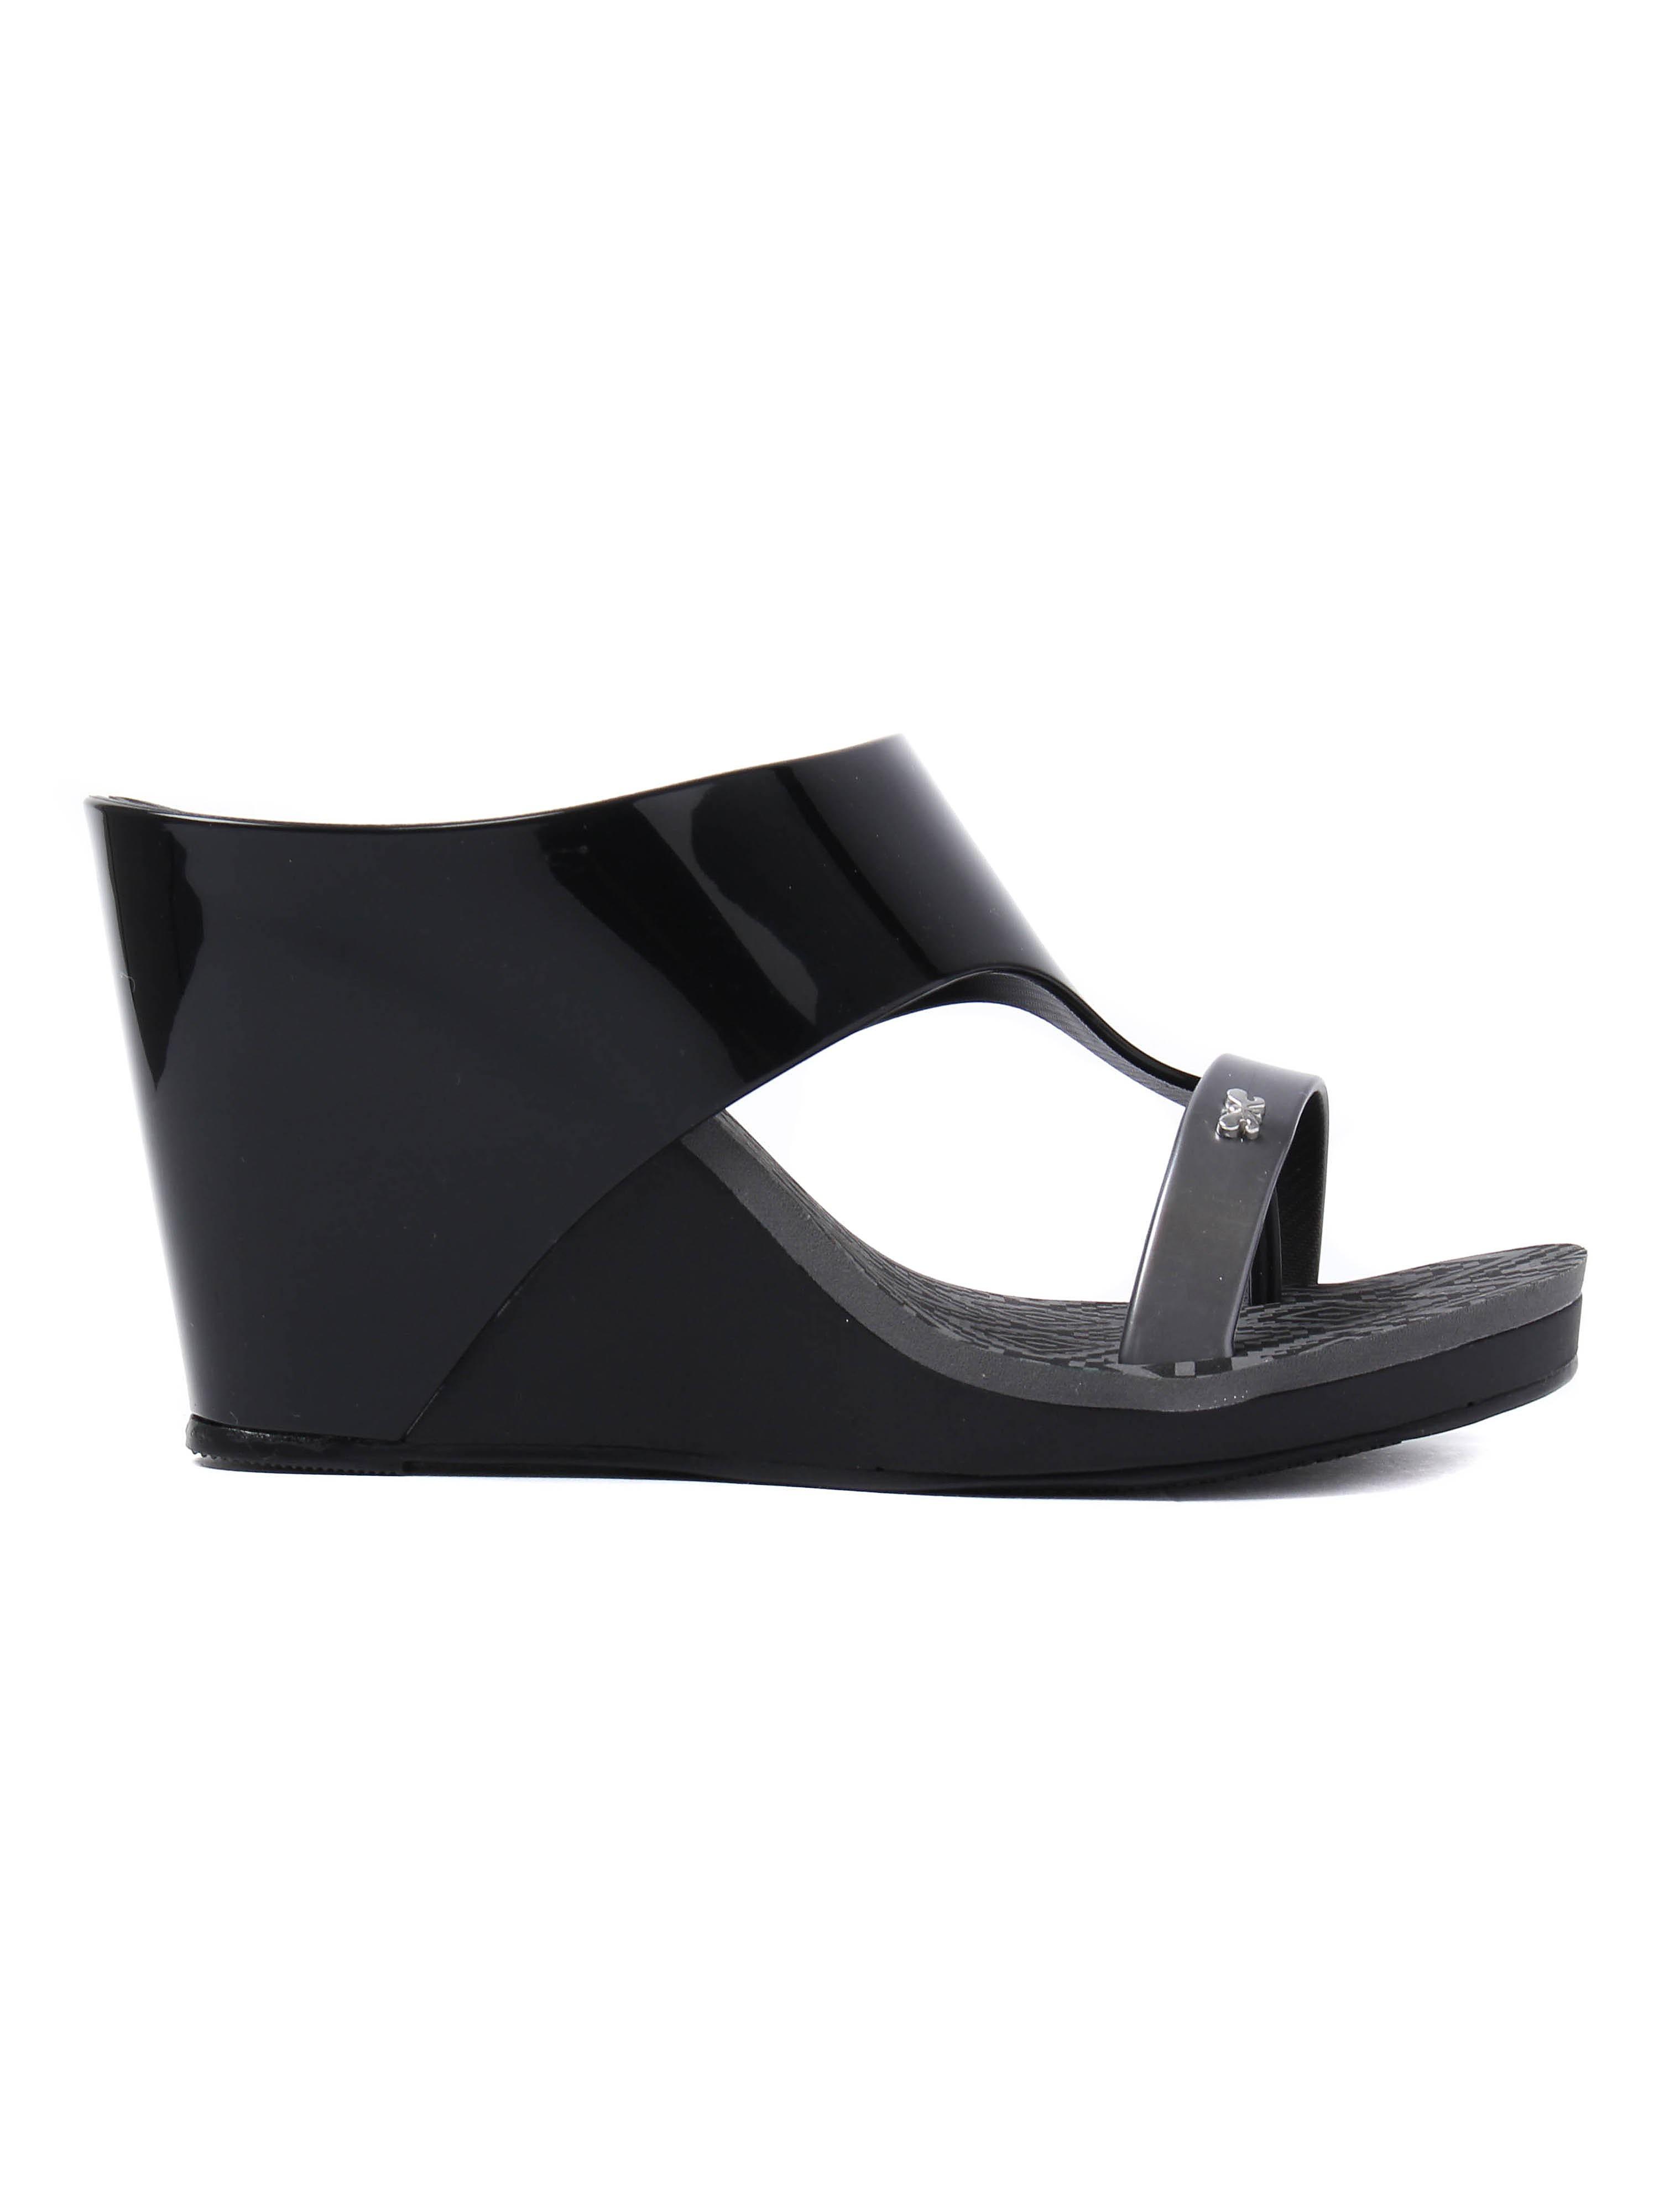 Zaxy Women's Glamour 2 Wedges - Black